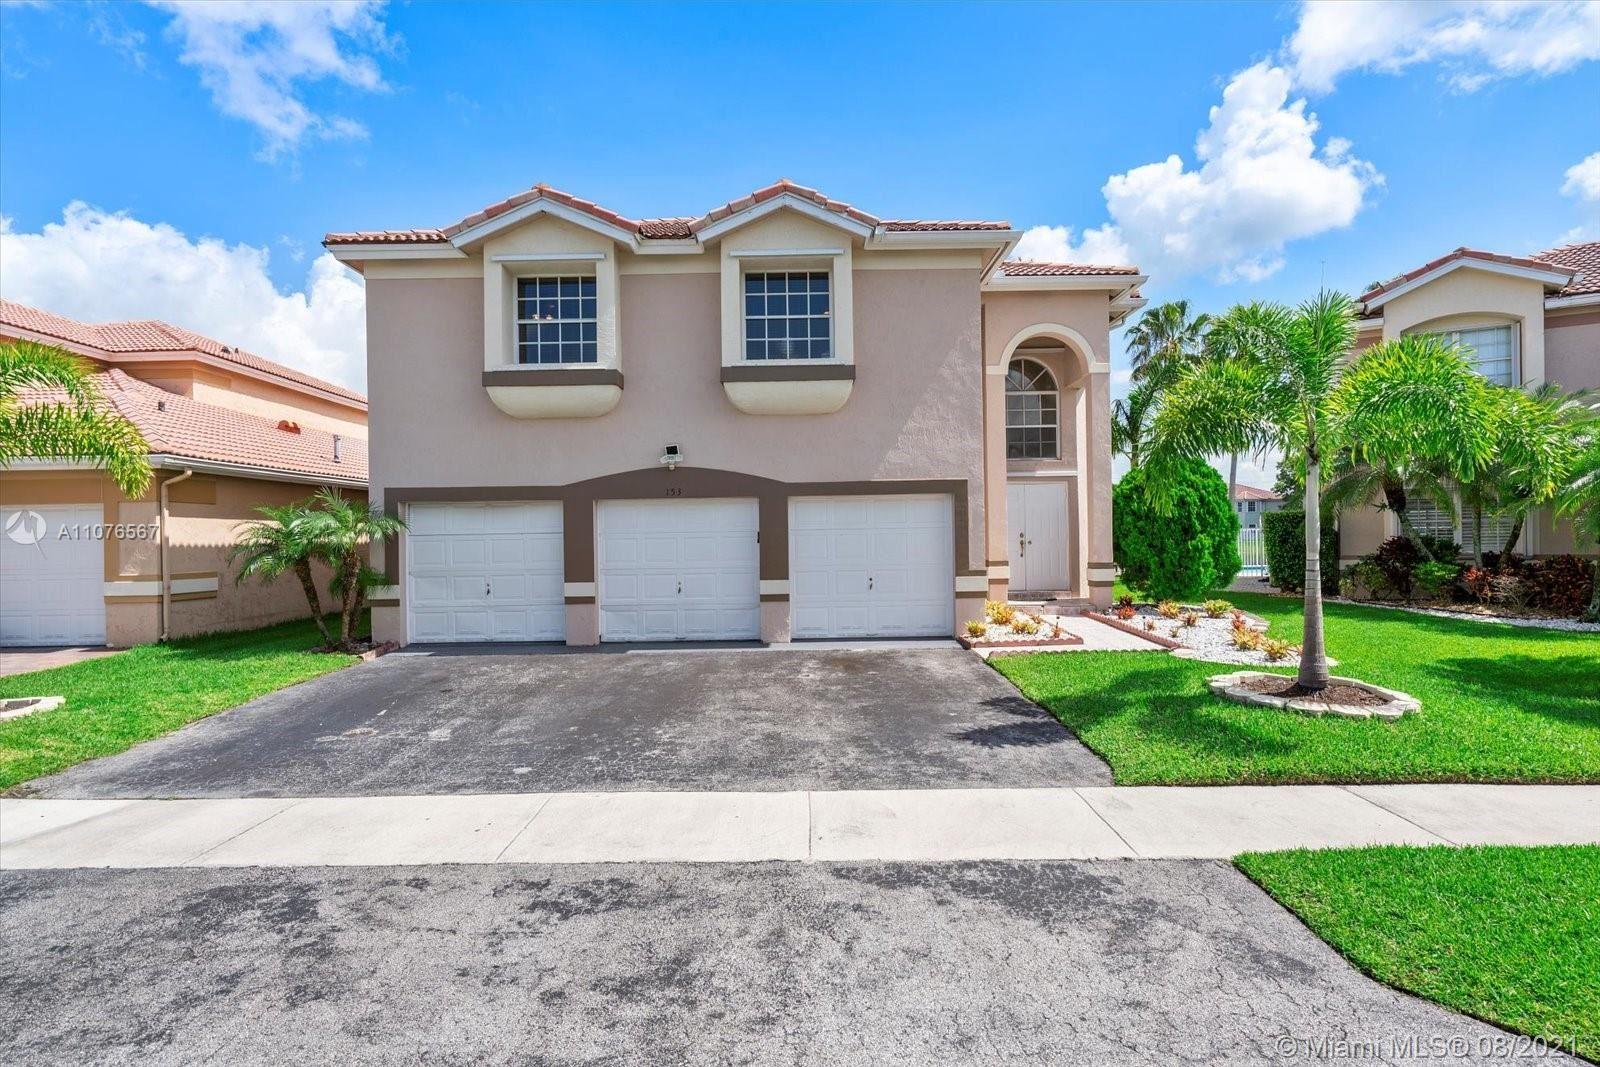 153 Granada Ave, Weston, FL 33326 - #: A11076567